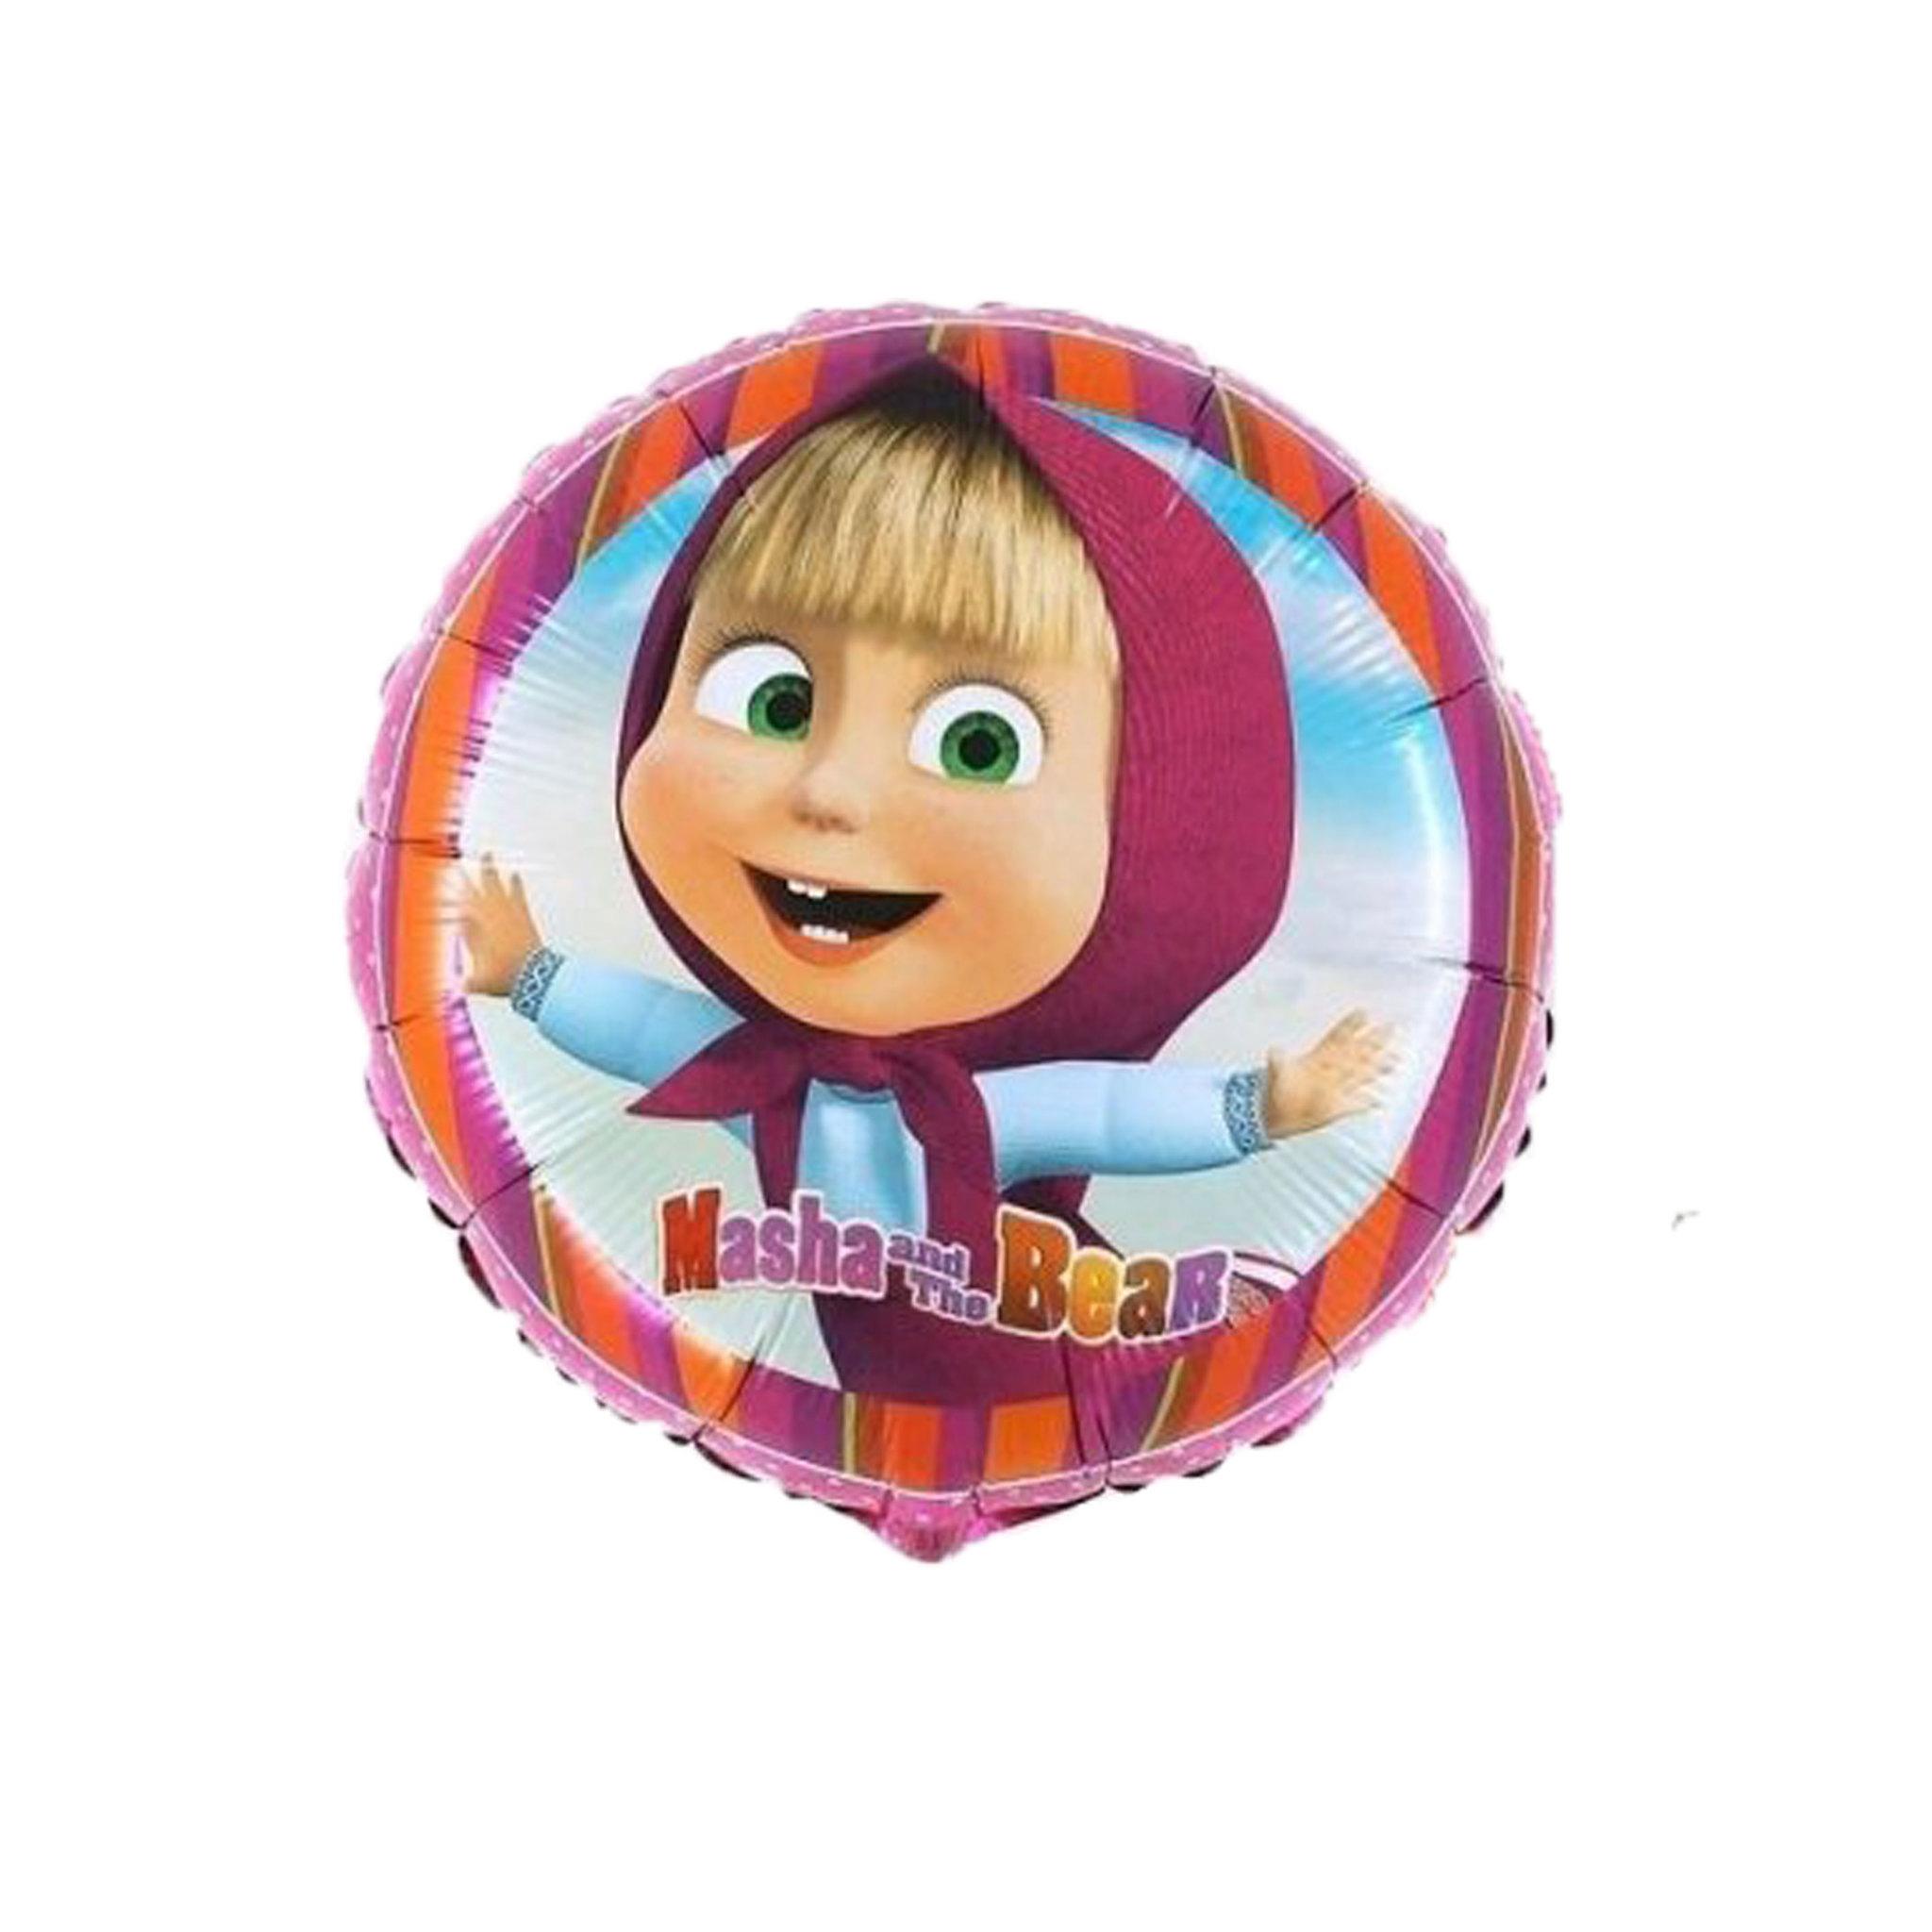 Воздушные шарики Маша и Медведь Фольгированный шар круг Маша и Медведь d6f8574203a5c4702ca35fcfa6d79a79.jpg